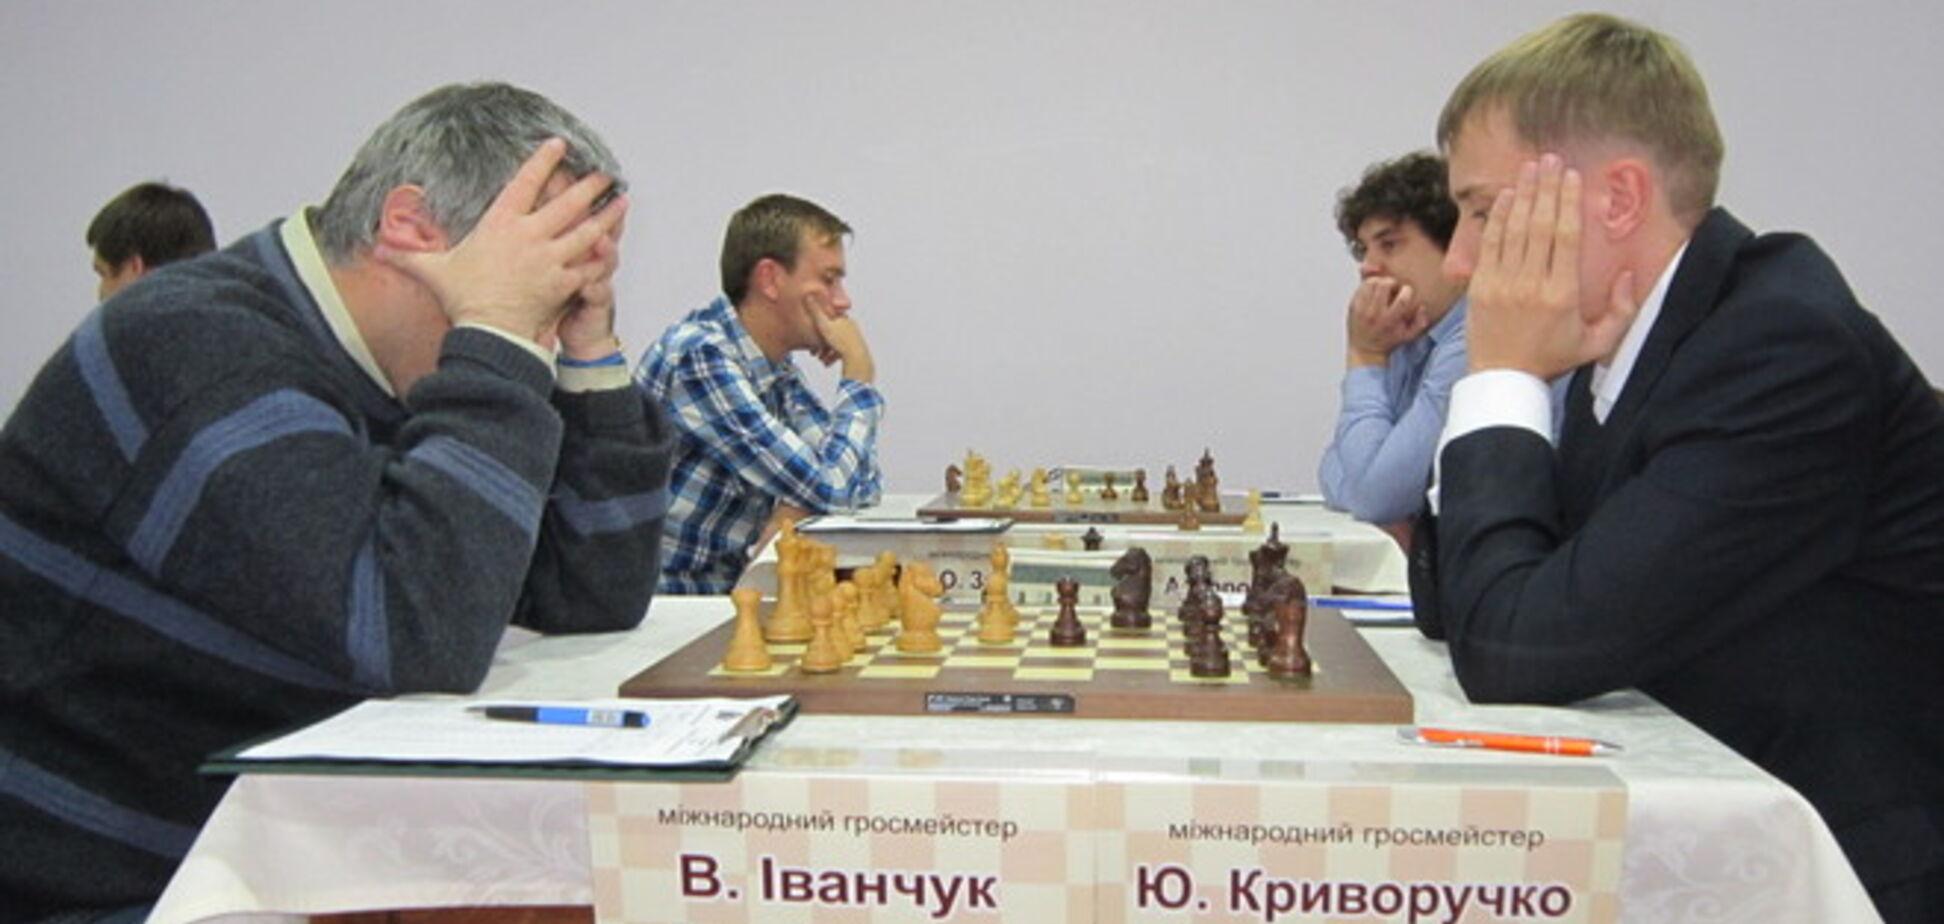 Старт чемпионата Украины по шахматам превратился в 'побоище'